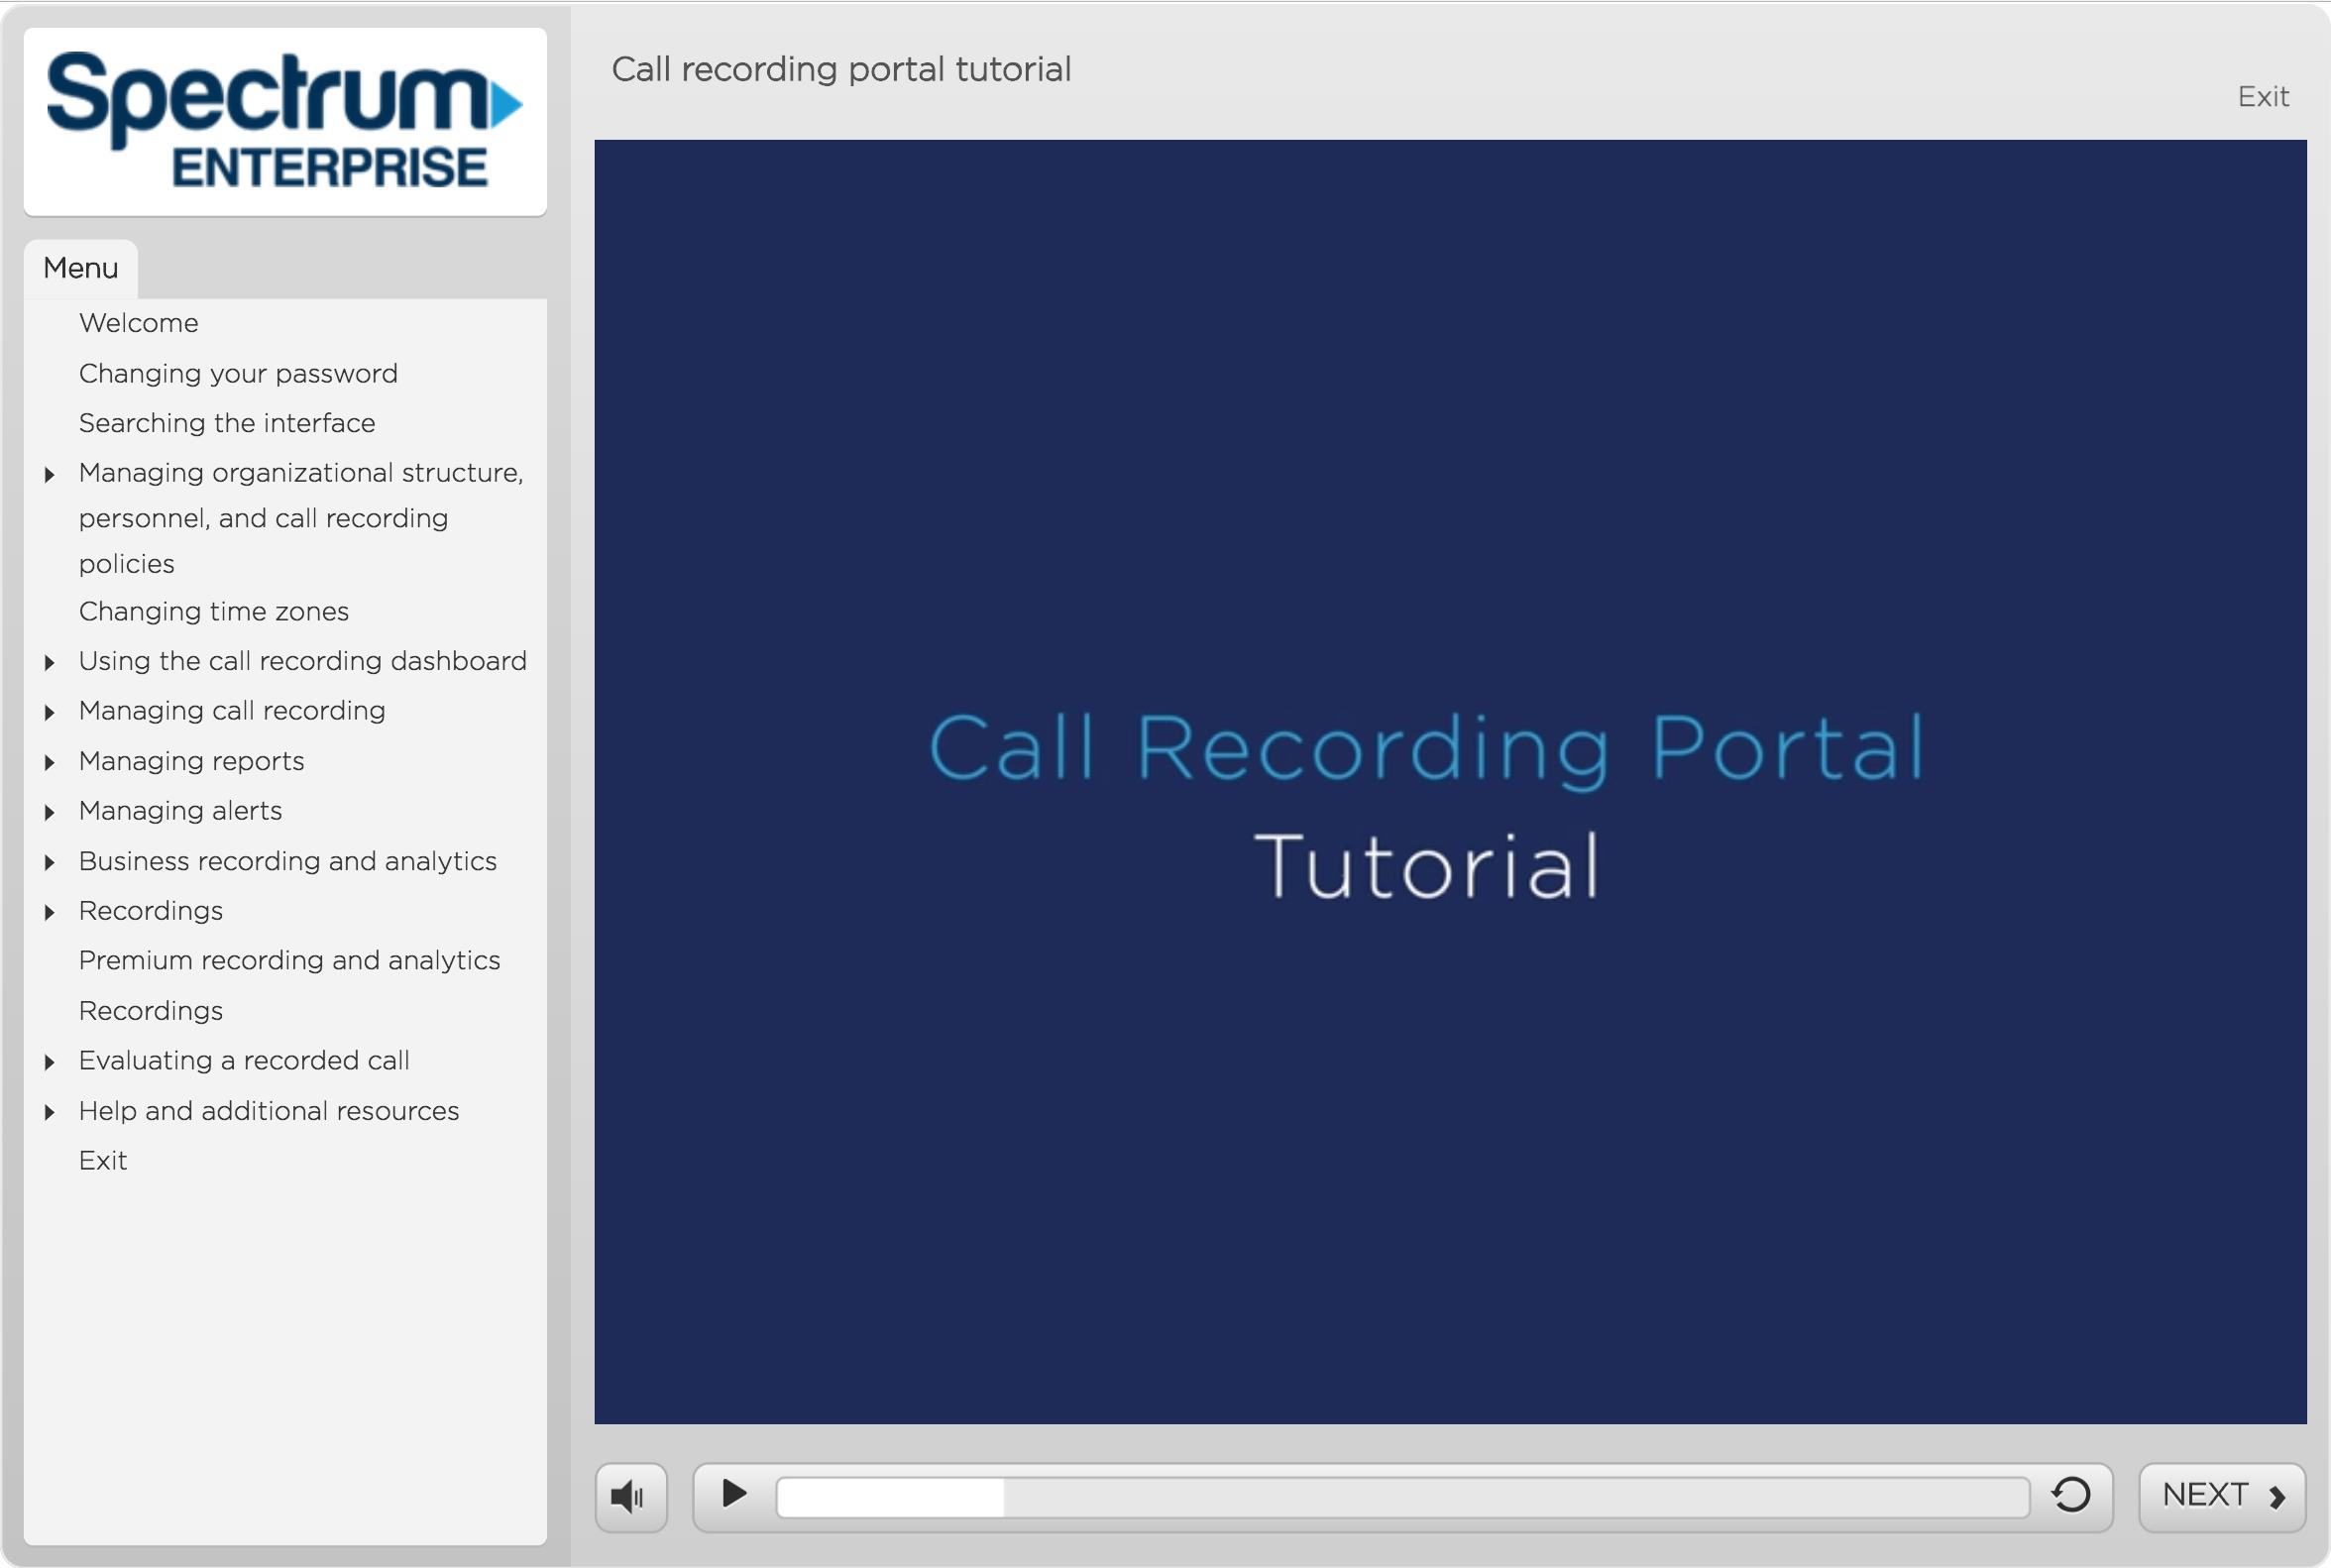 Call Recording Portal Tutorial